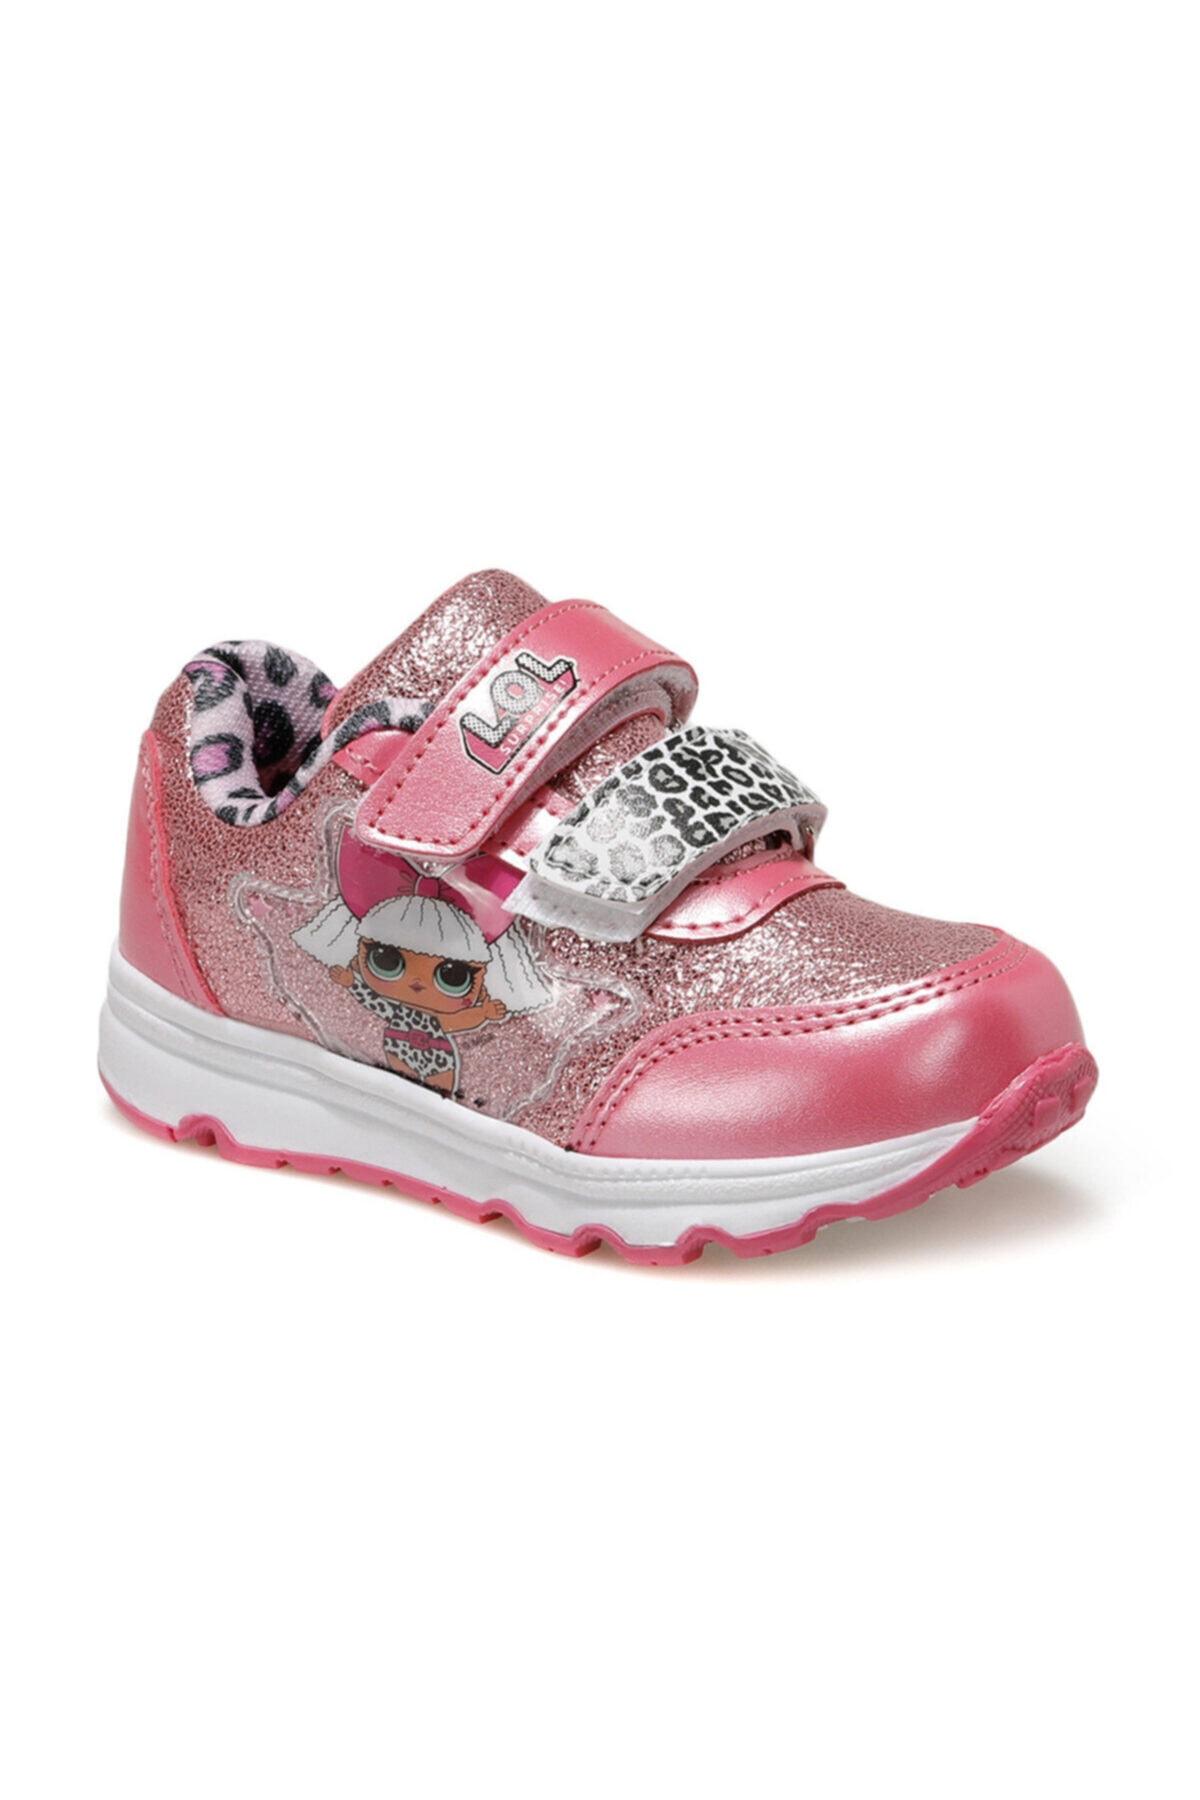 LOL LEOPY.P Fuşya Kız Çocuk Sneaker Ayakkabı 100561589 1